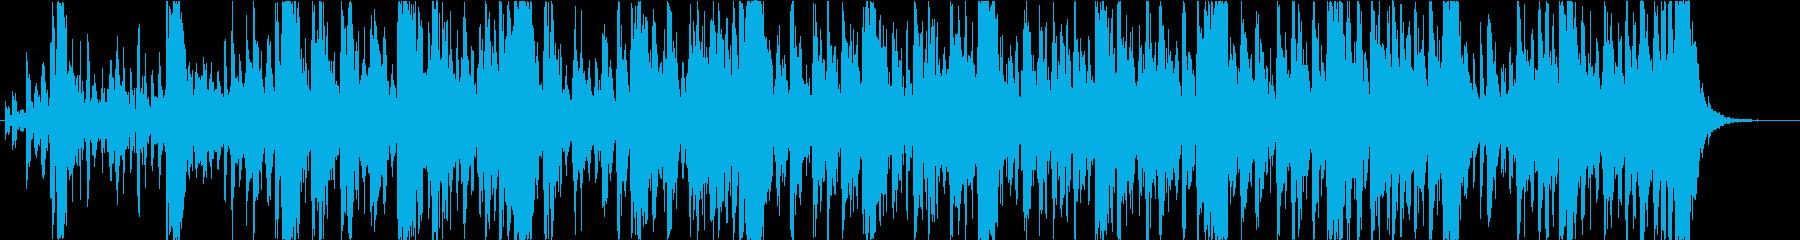 仁王・金剛力士をイメージした和太鼓と尺八の再生済みの波形